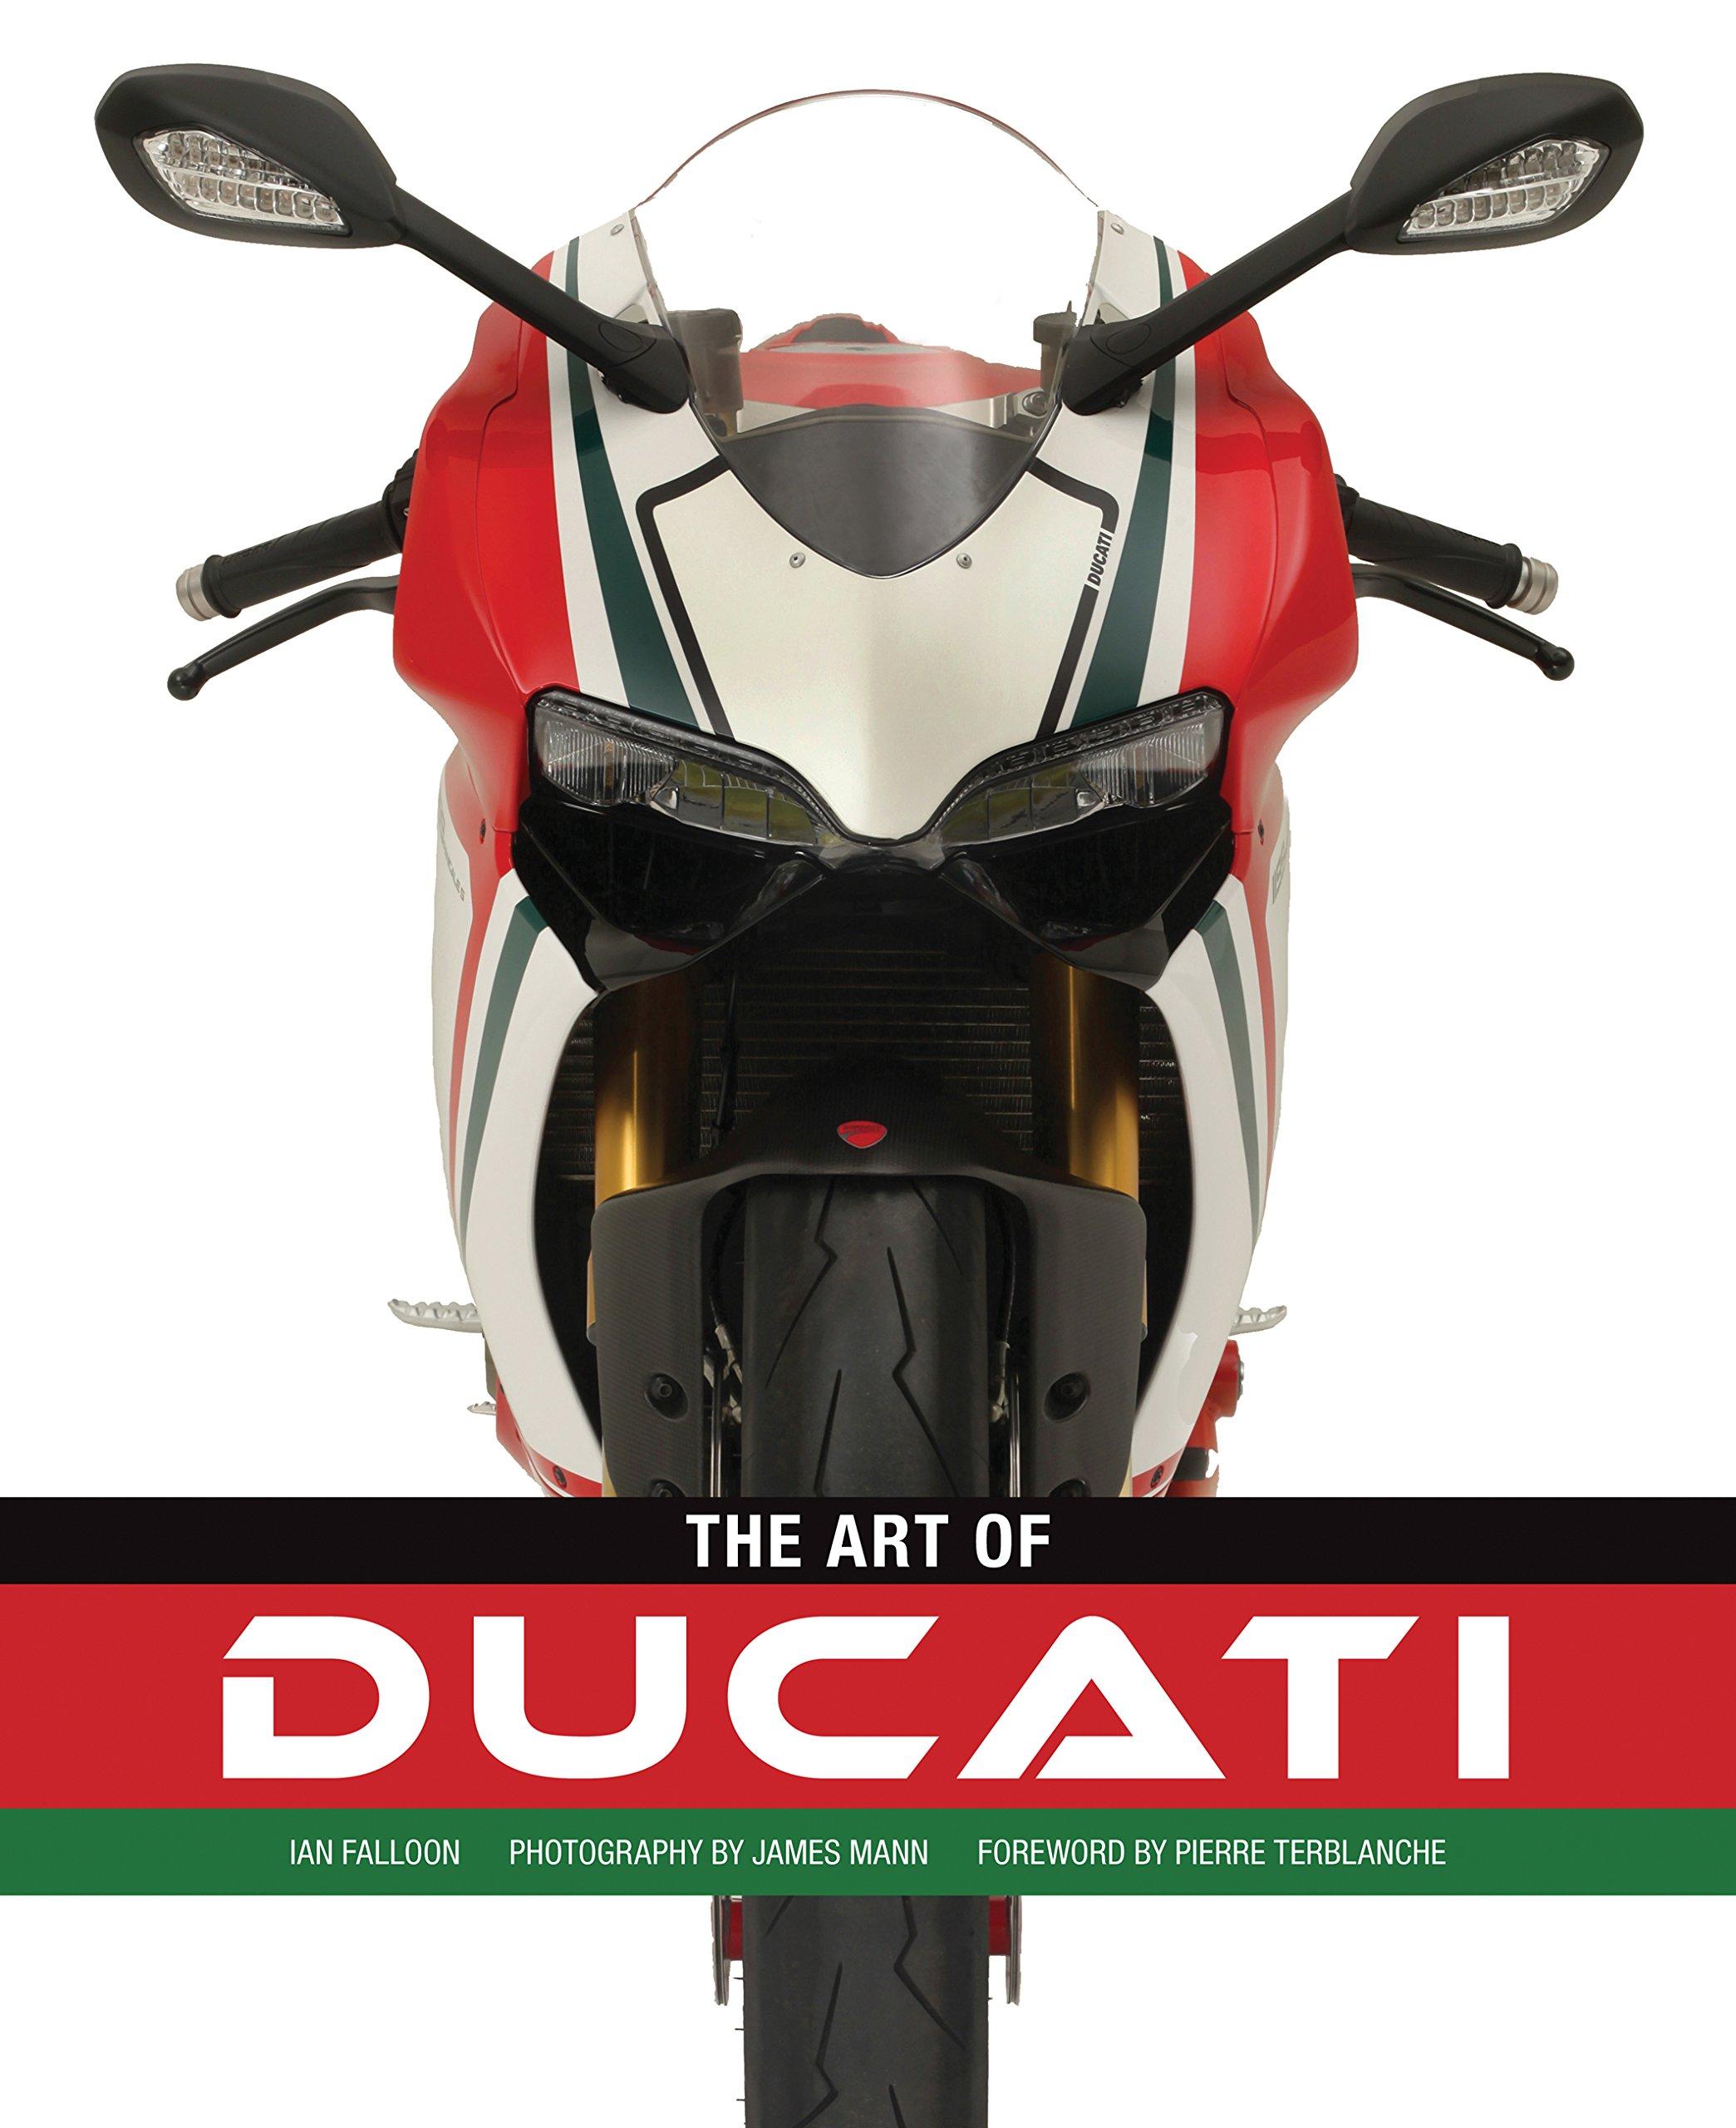 The Art of Ducati